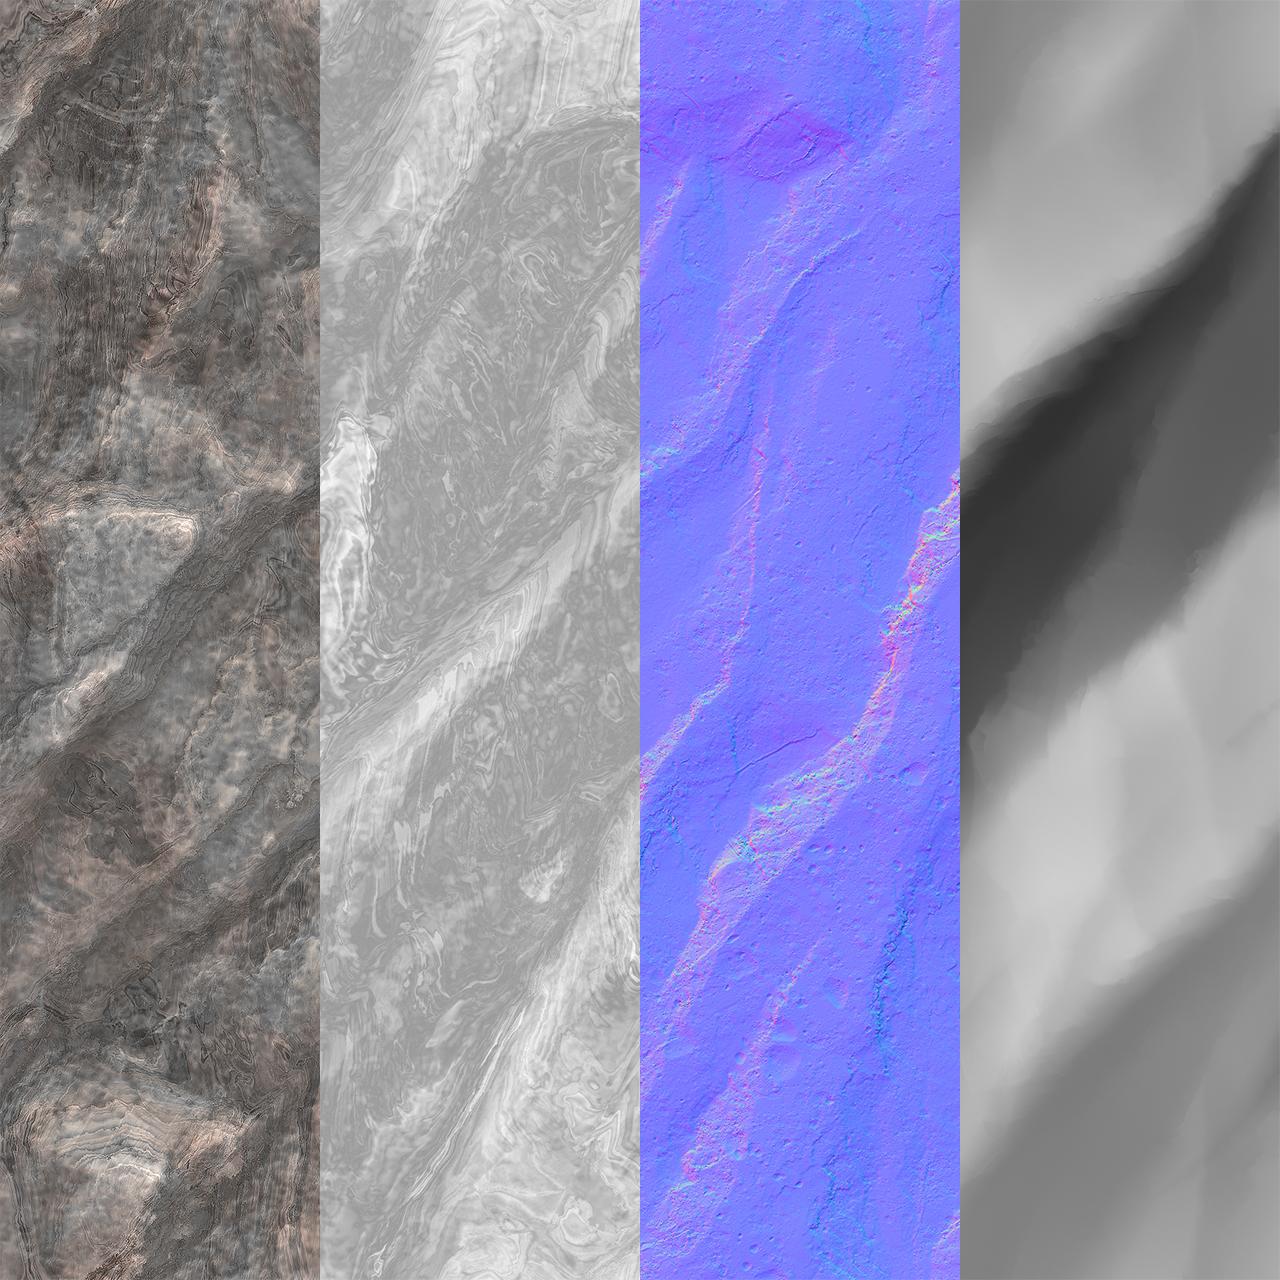 RockWall_Maps_02.jpg